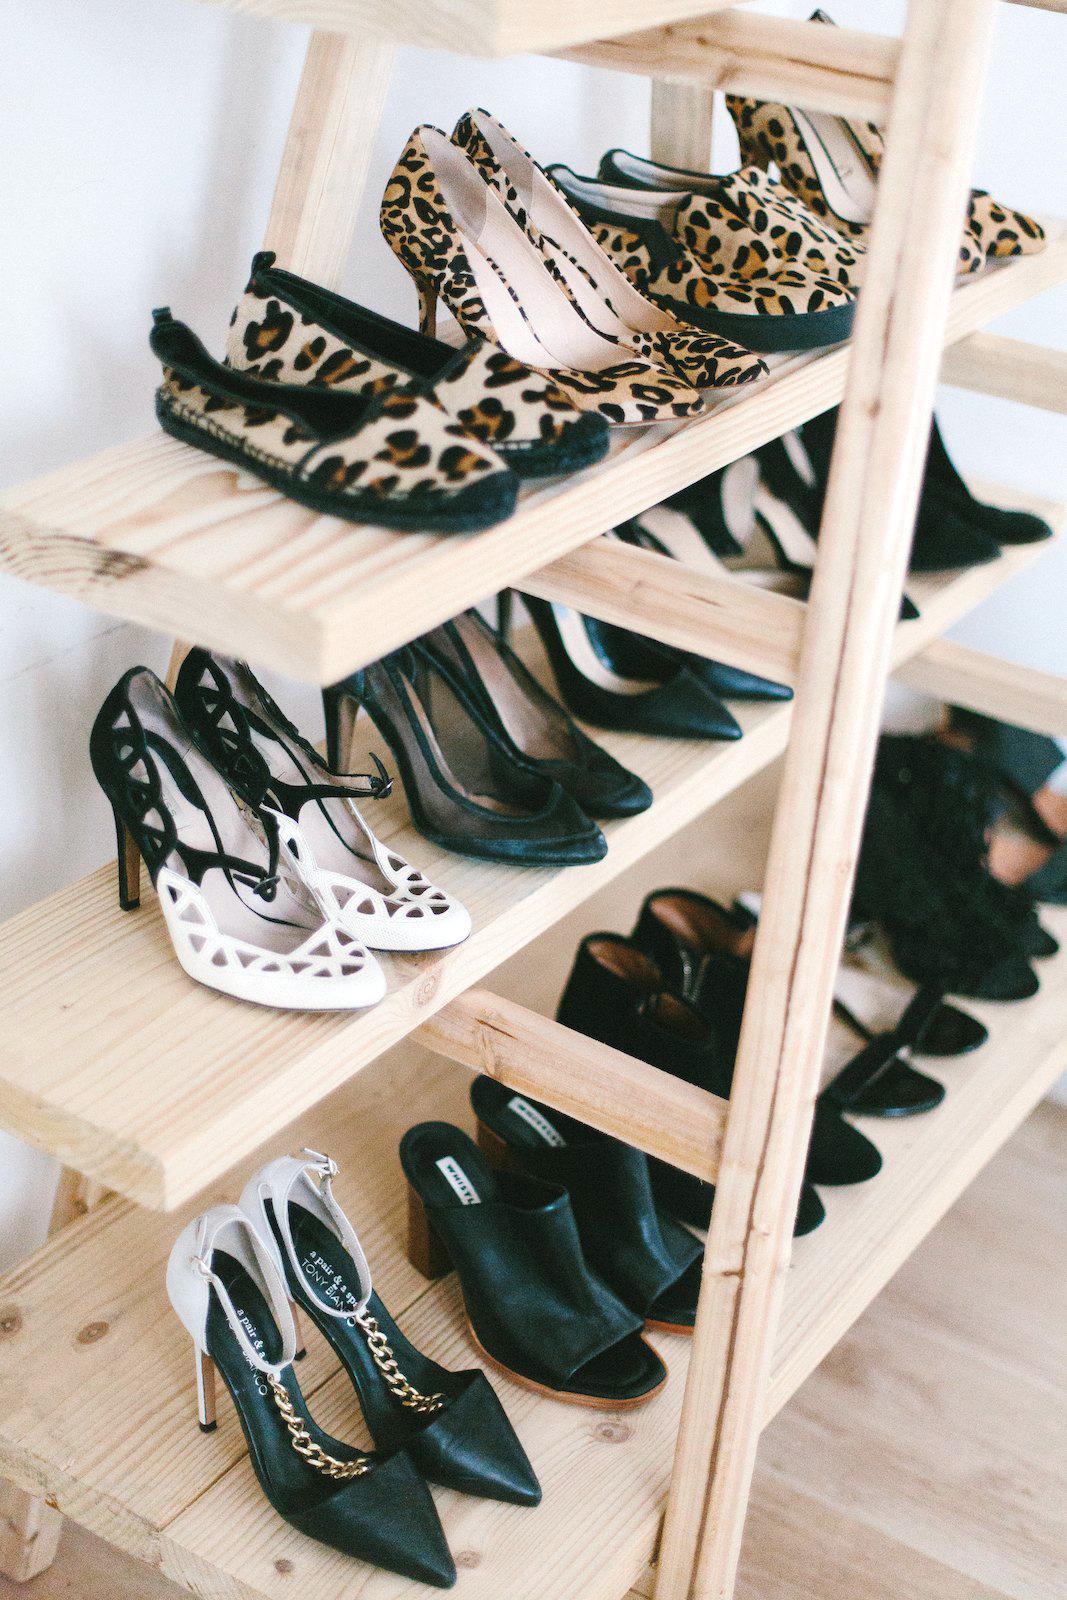 DIY Ladder Shoe Shelf www.apairandasparediy.com - Geneva Vanderzeil apairandasparediy.com